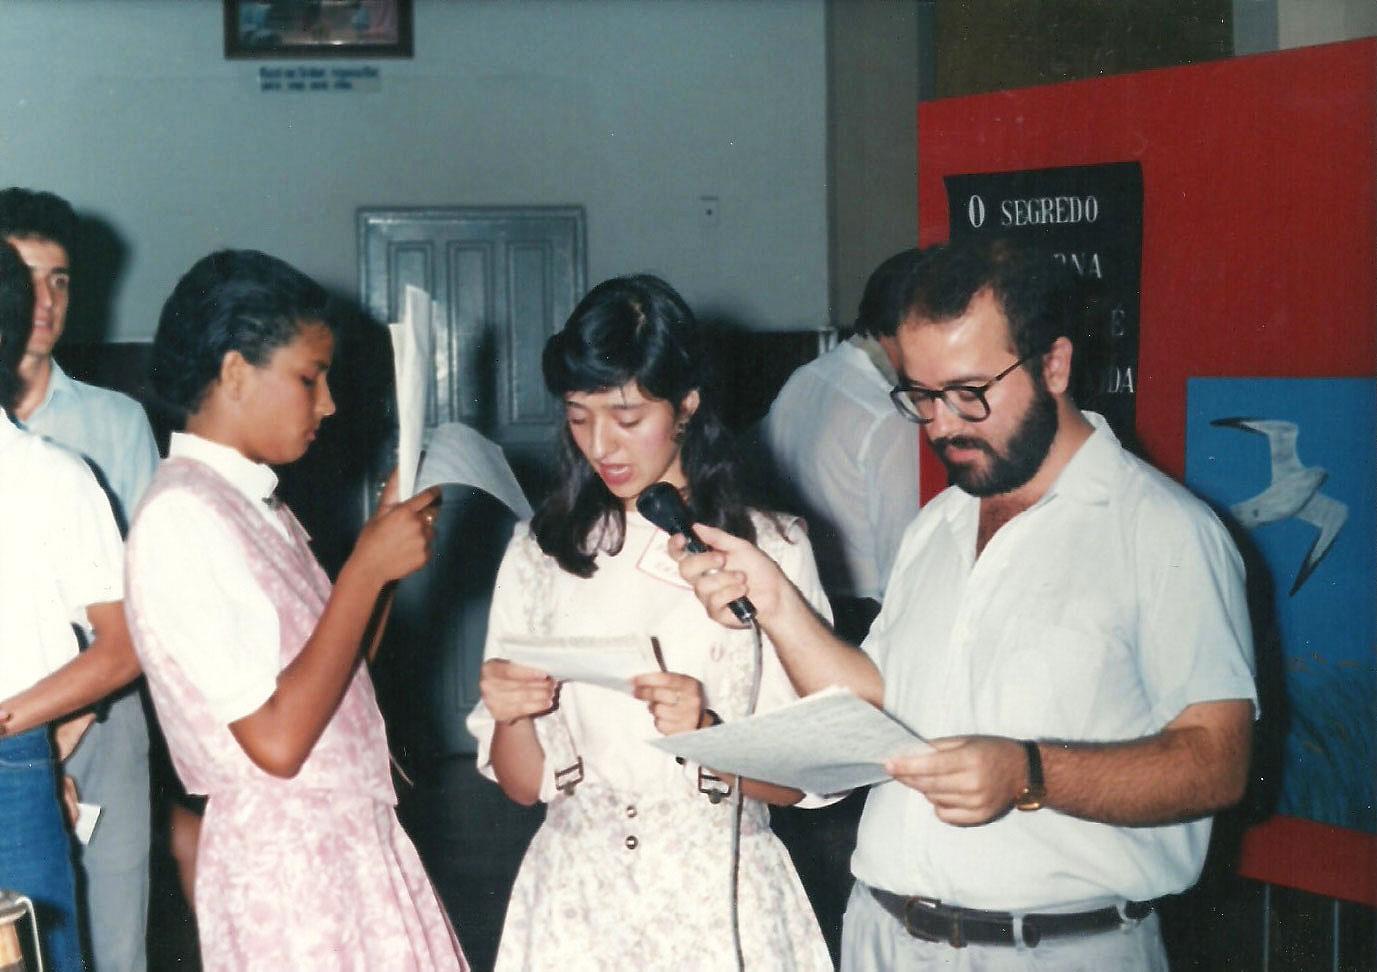 1990 - Crisma - Pe. Wagner e Dom Claudio Hummes (1)